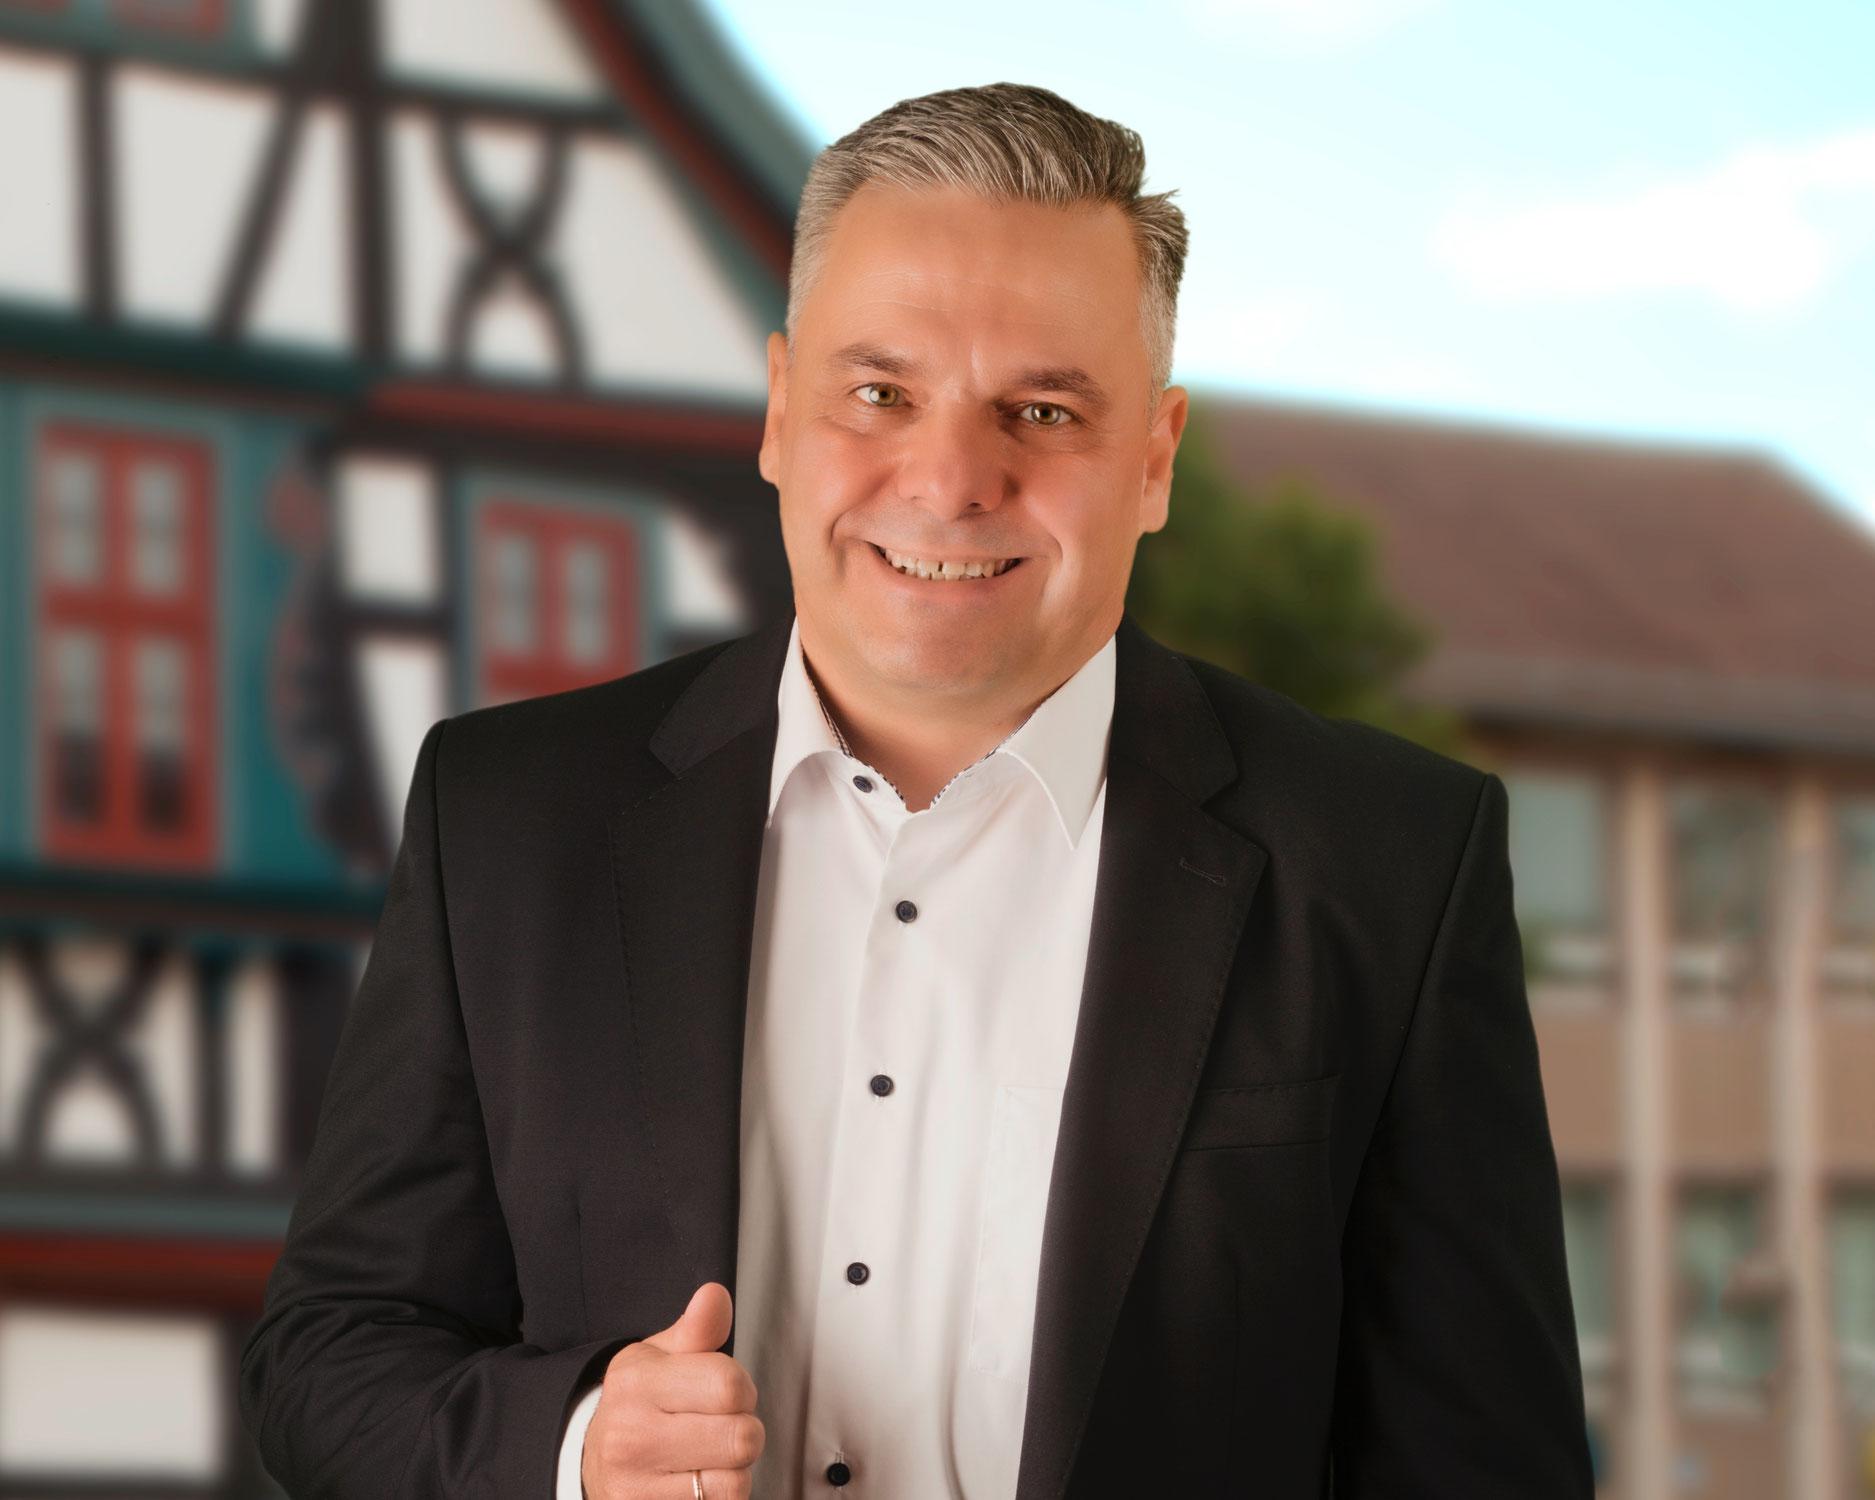 WiR unterstützen Norman Zimmermann als Bürgermeister Kandidat